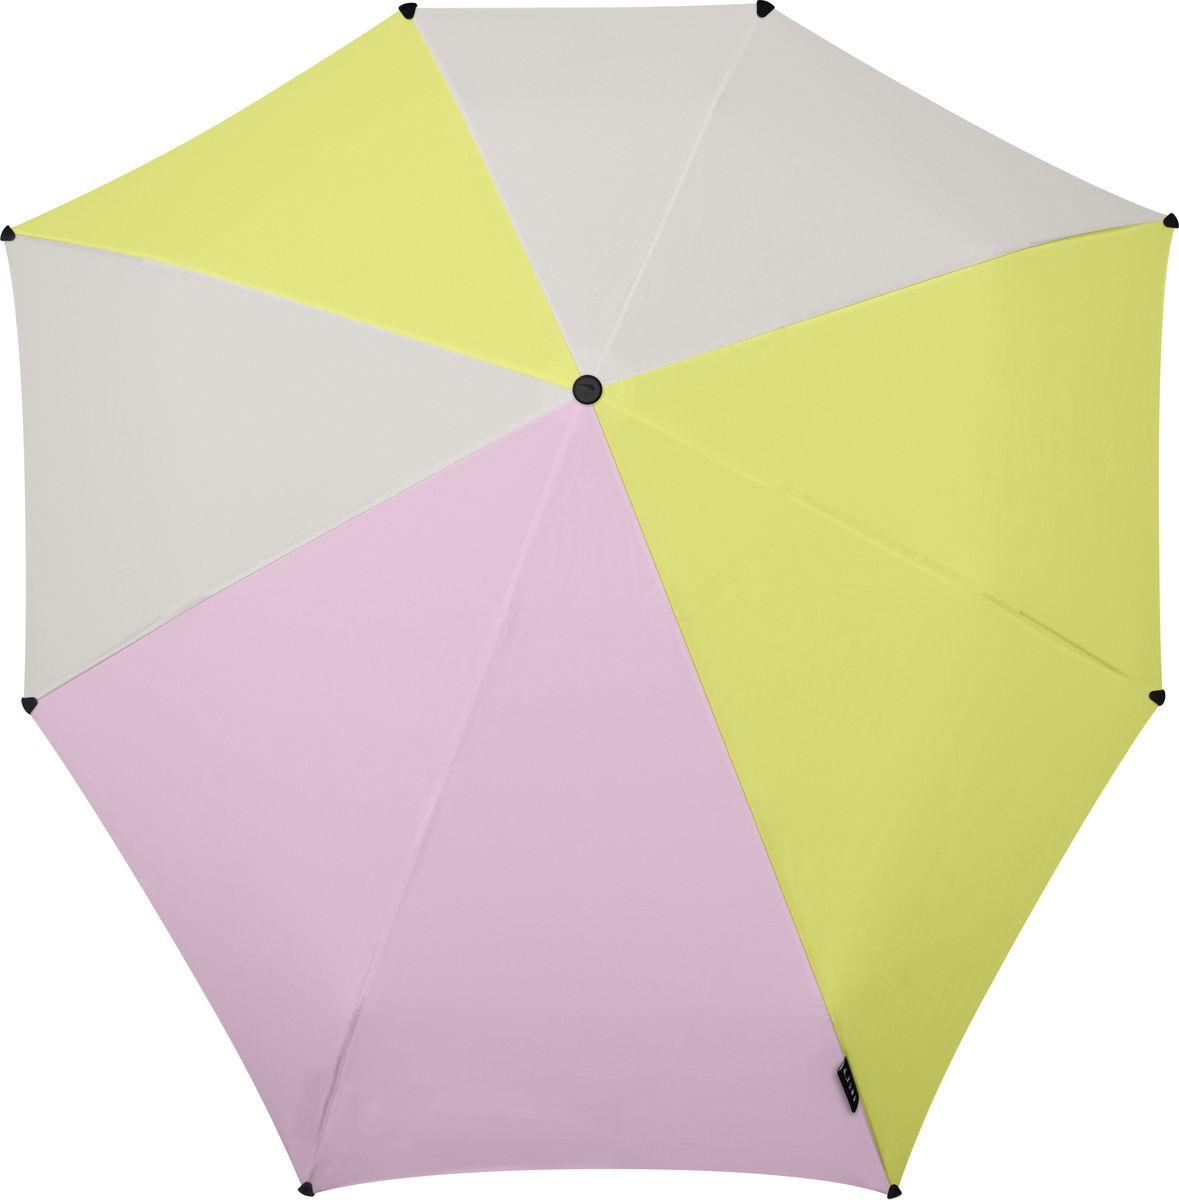 Зонт Senz, цвет: мультиколор. 10210391021039Инновационный противоштормовый зонт, выдерживающий любую непогоду. Входит в коллекцию urban breeze, разработанную в соответствии с современными течениями fashion-индустрии. Зонт Senz отлично дополнит образ, подчеркнет индивидуальность и вкус своего обладателя. Легкий, компактный и прочный он открывается и закрывается нажатием на кнопку. Закрывает спину от дождя, а благодаря своей усовершенствованной конструкции, зонт не выворачивается наизнанку даже при сильном ветре. Модель Senz automatic выдержала испытания в аэротрубе со скоростью ветра 80 км/ч. - тип — автомат - три сложения - выдерживает порывы ветра до 80 км/ч - УФ-защита 50+ - эргономичная ручка - безопасные колпачки на кончиках спиц - в комплекте плотный чехол - гарантия 2 года